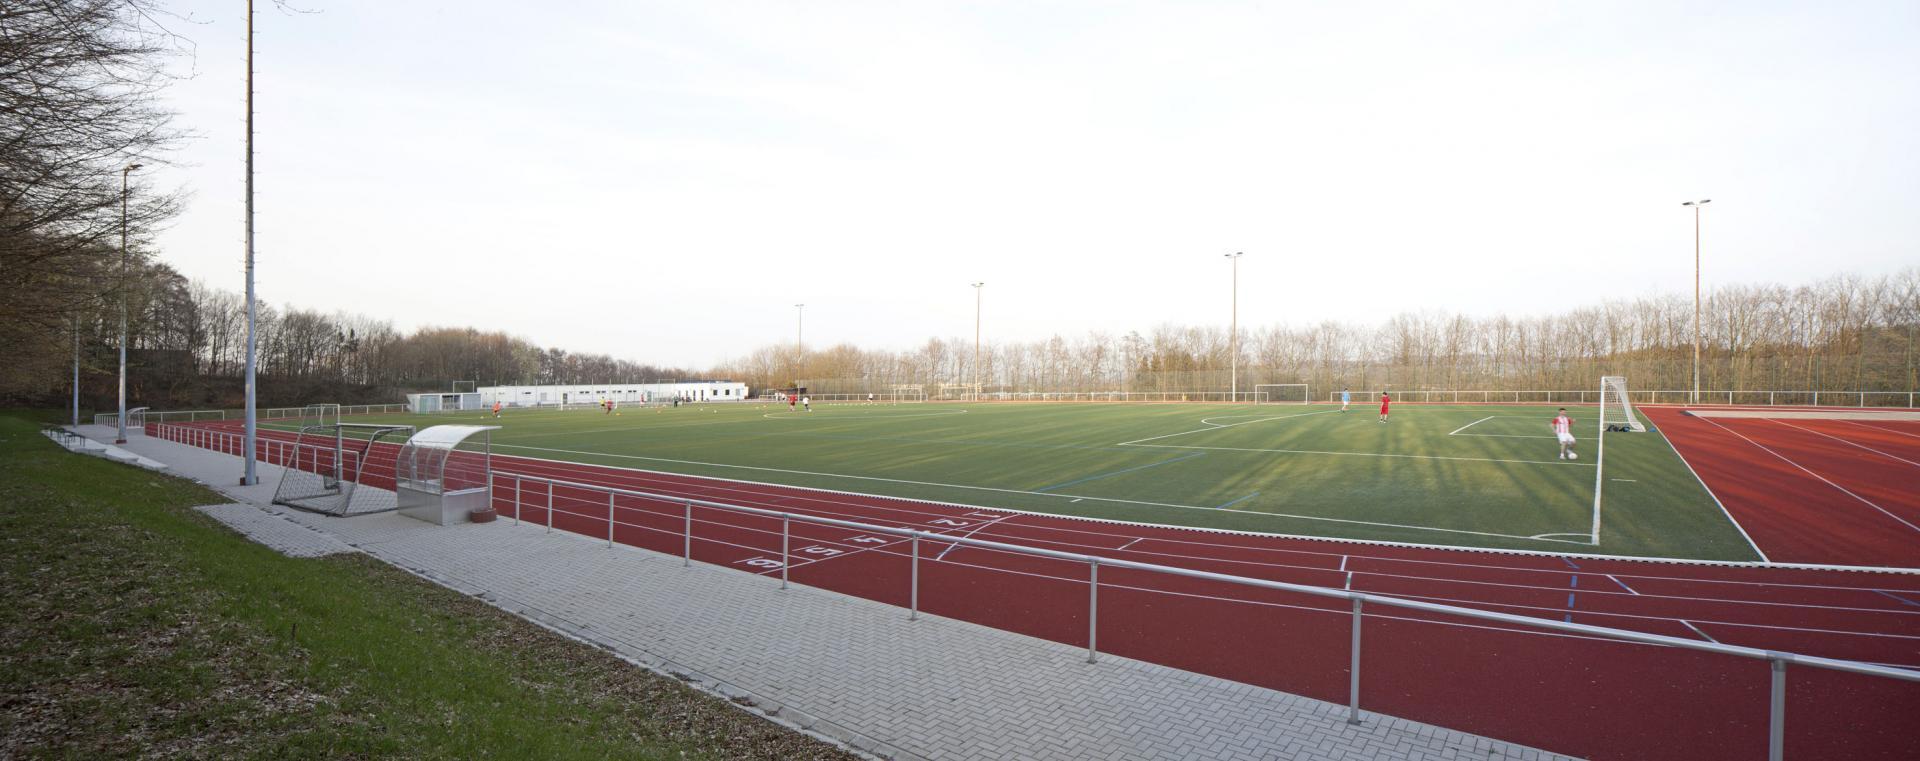 Sportplatz Am Waldschlösschen_1